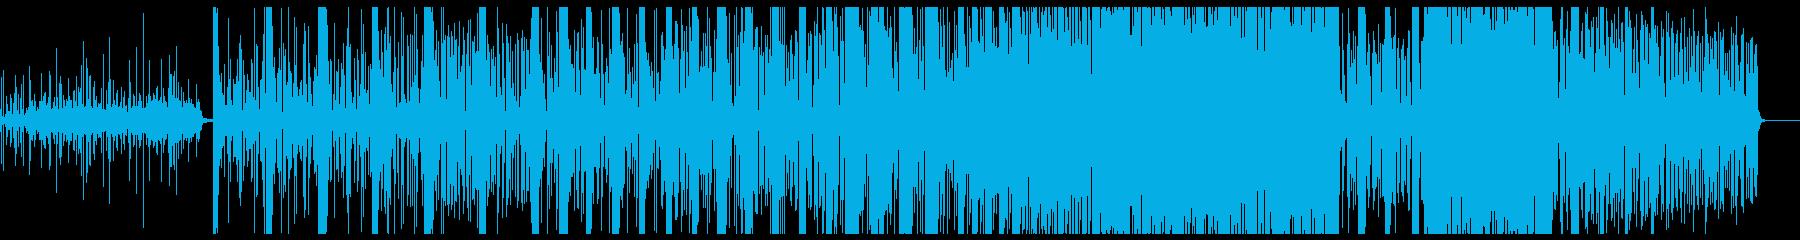 和太鼓とDTMミュージックの融合曲の再生済みの波形